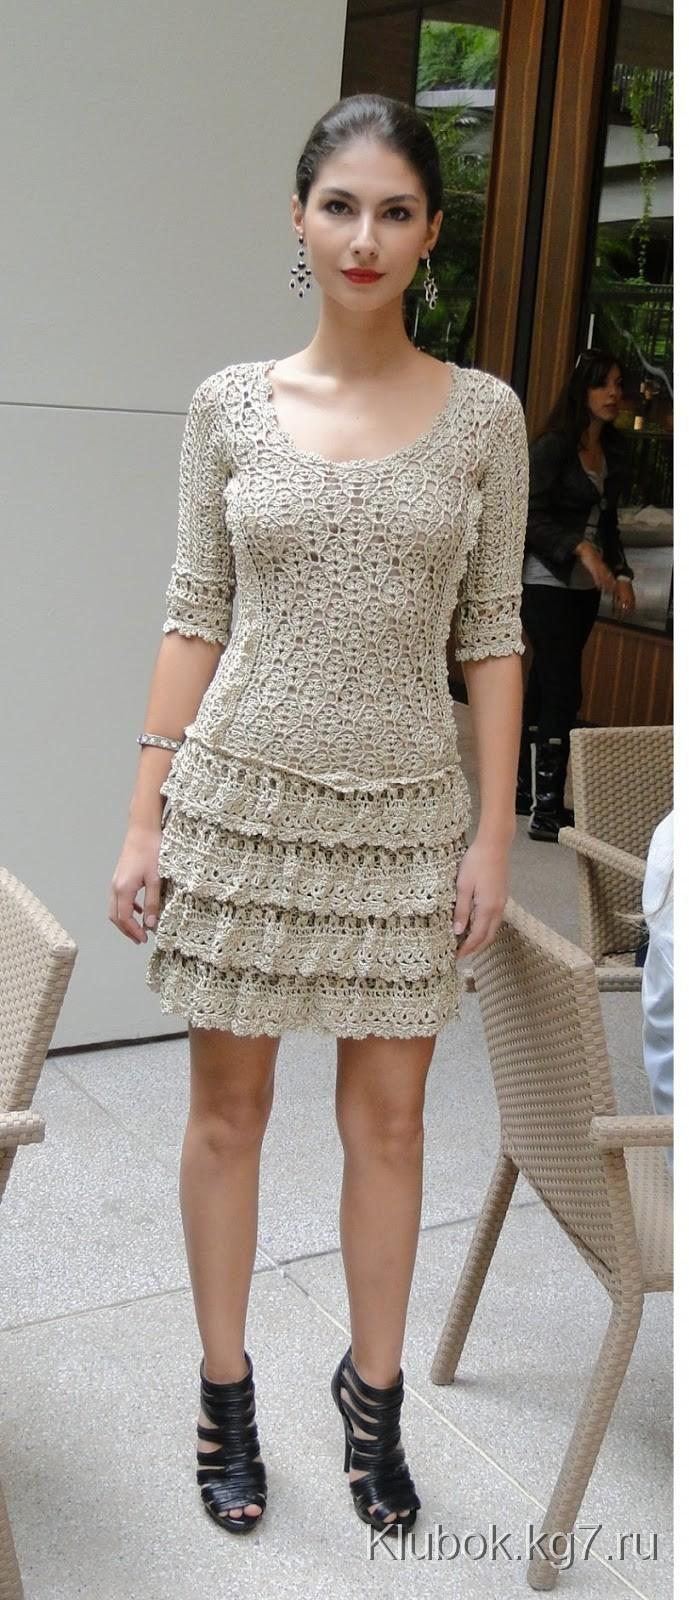 Платье от Ванесса Монторо | Клубок